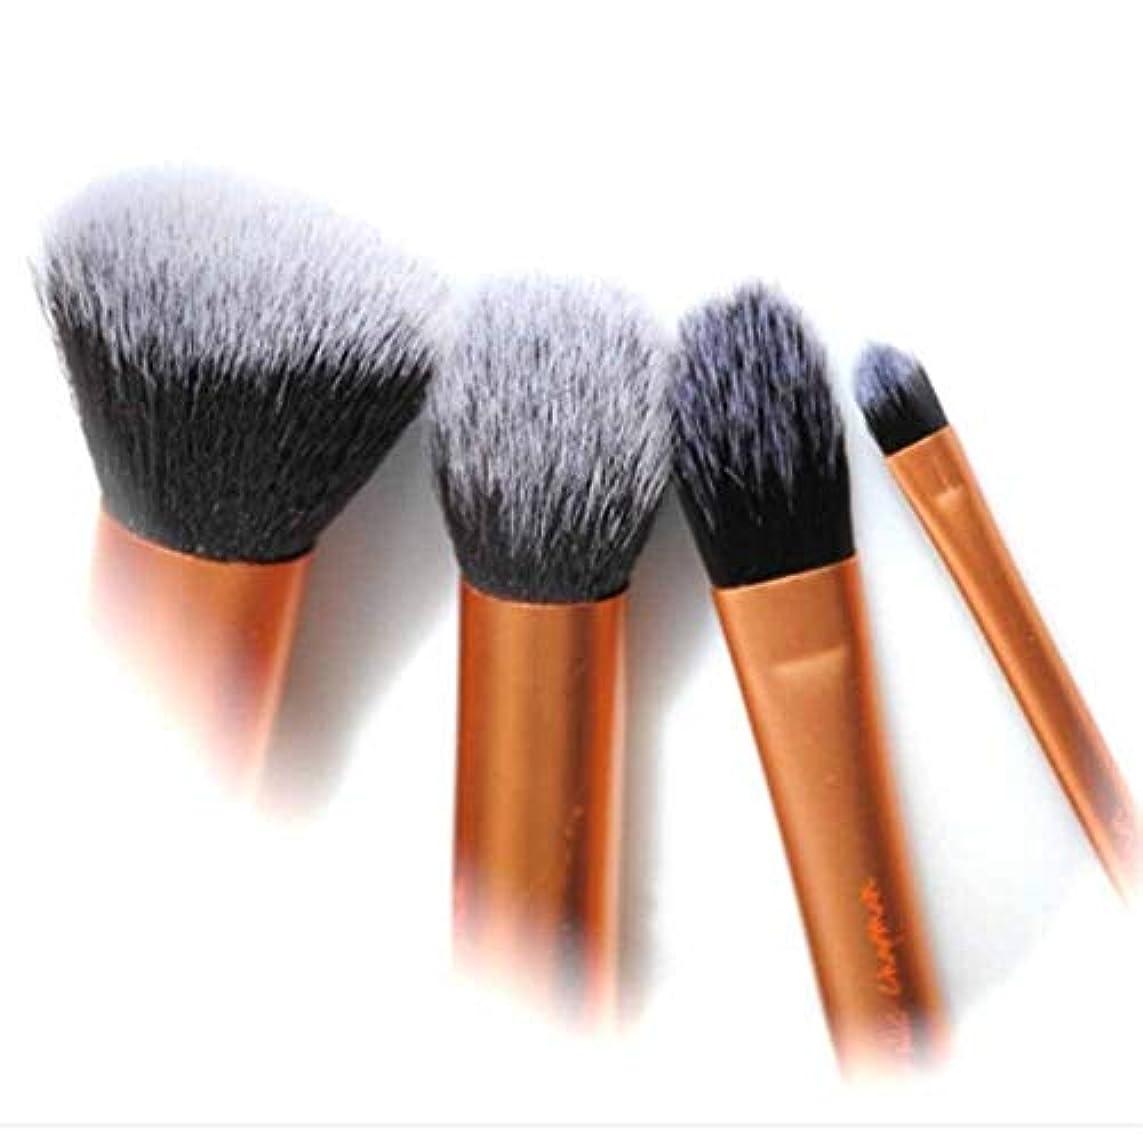 端末空の反射XIAOCHAOSD メイクブラシ、メイクメイクブラシセット、輪郭ブラシリップブラシ、散布ブラシ、4点セット (Color : Orange)